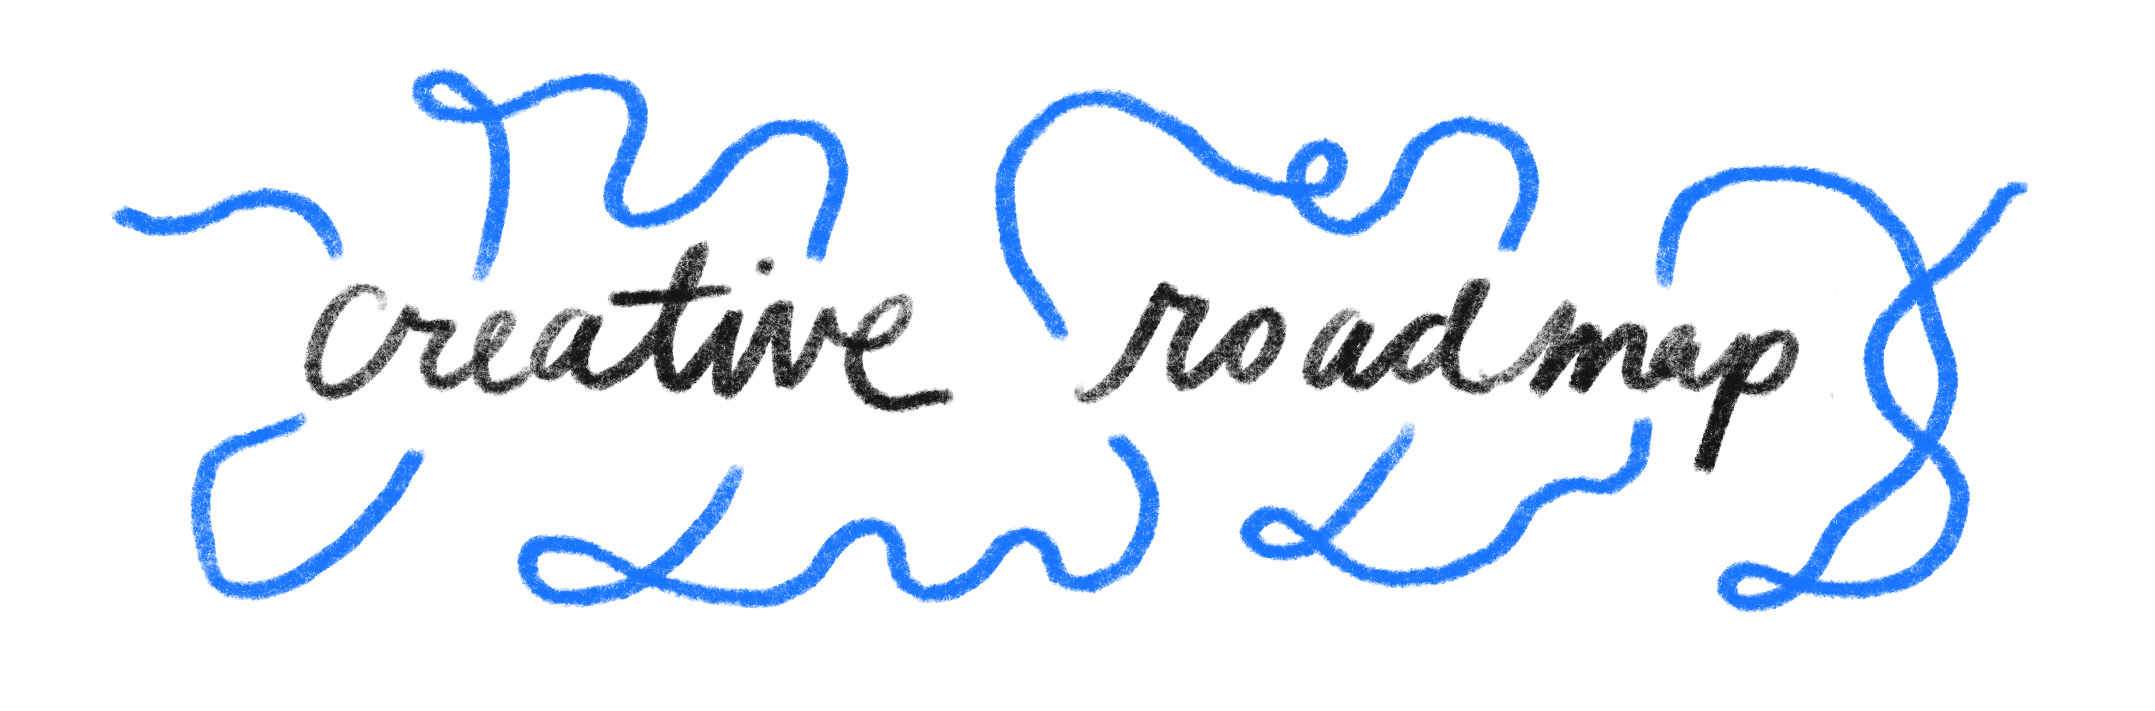 creative roadmap logo .jpg